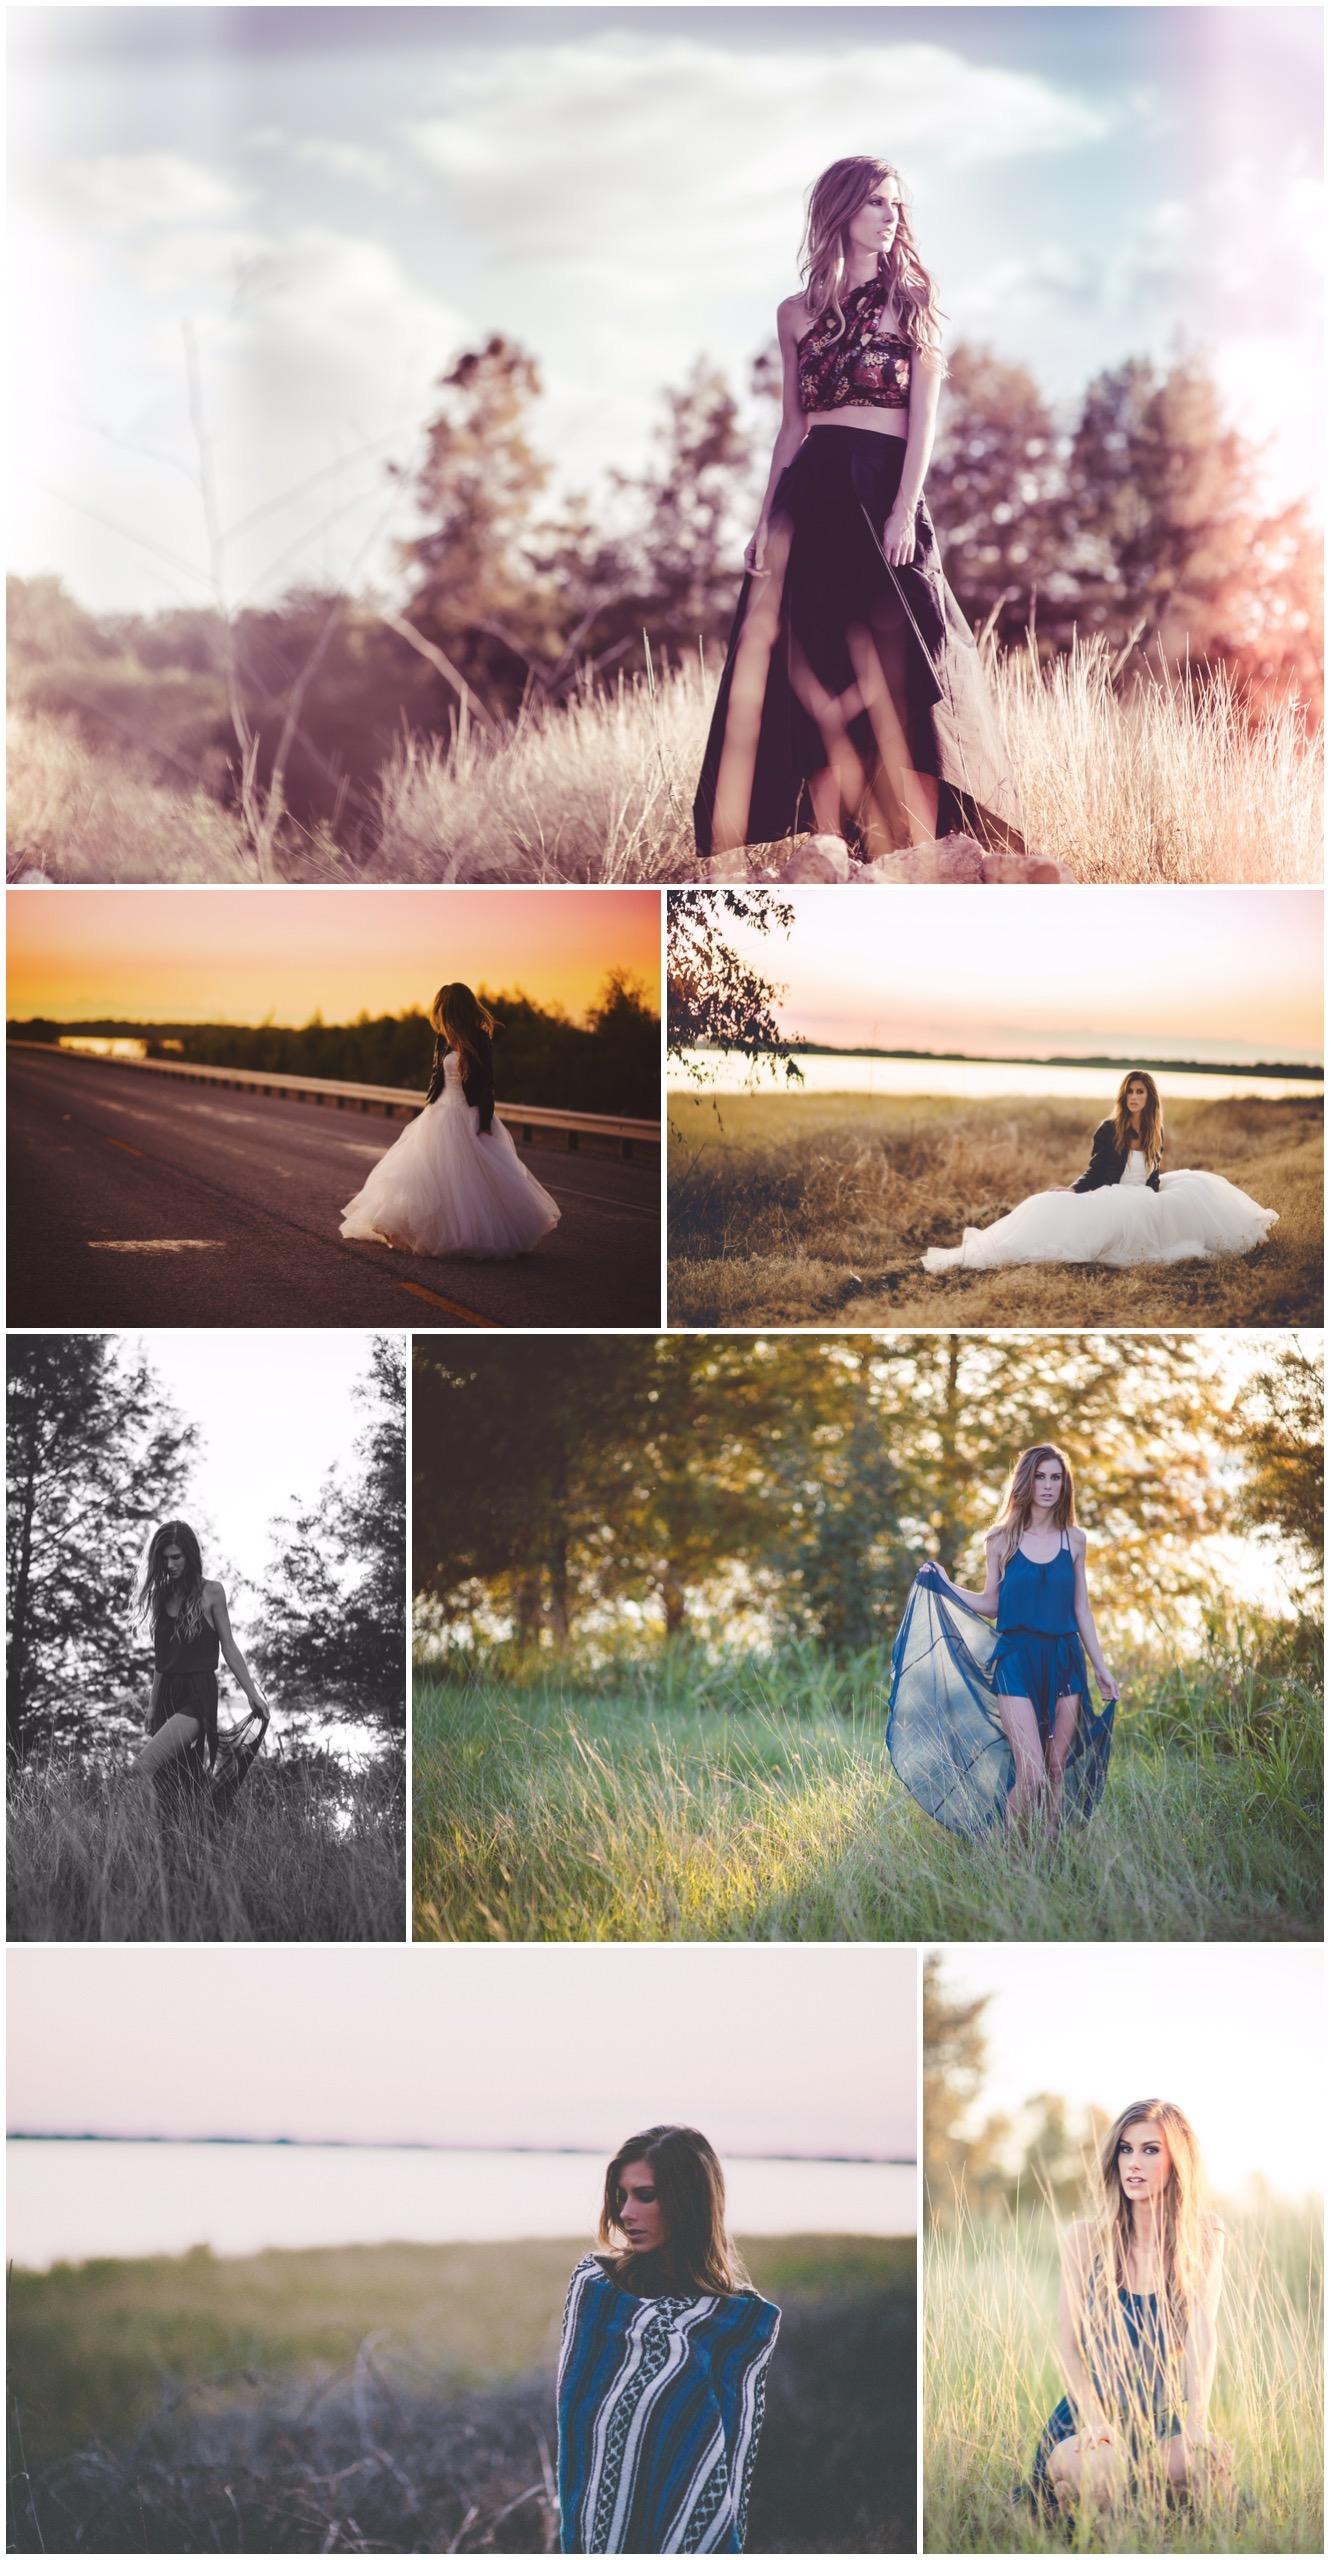 Sundays with Allison | Fashion Photoshoot | Photographer | Laraina Hase Photography